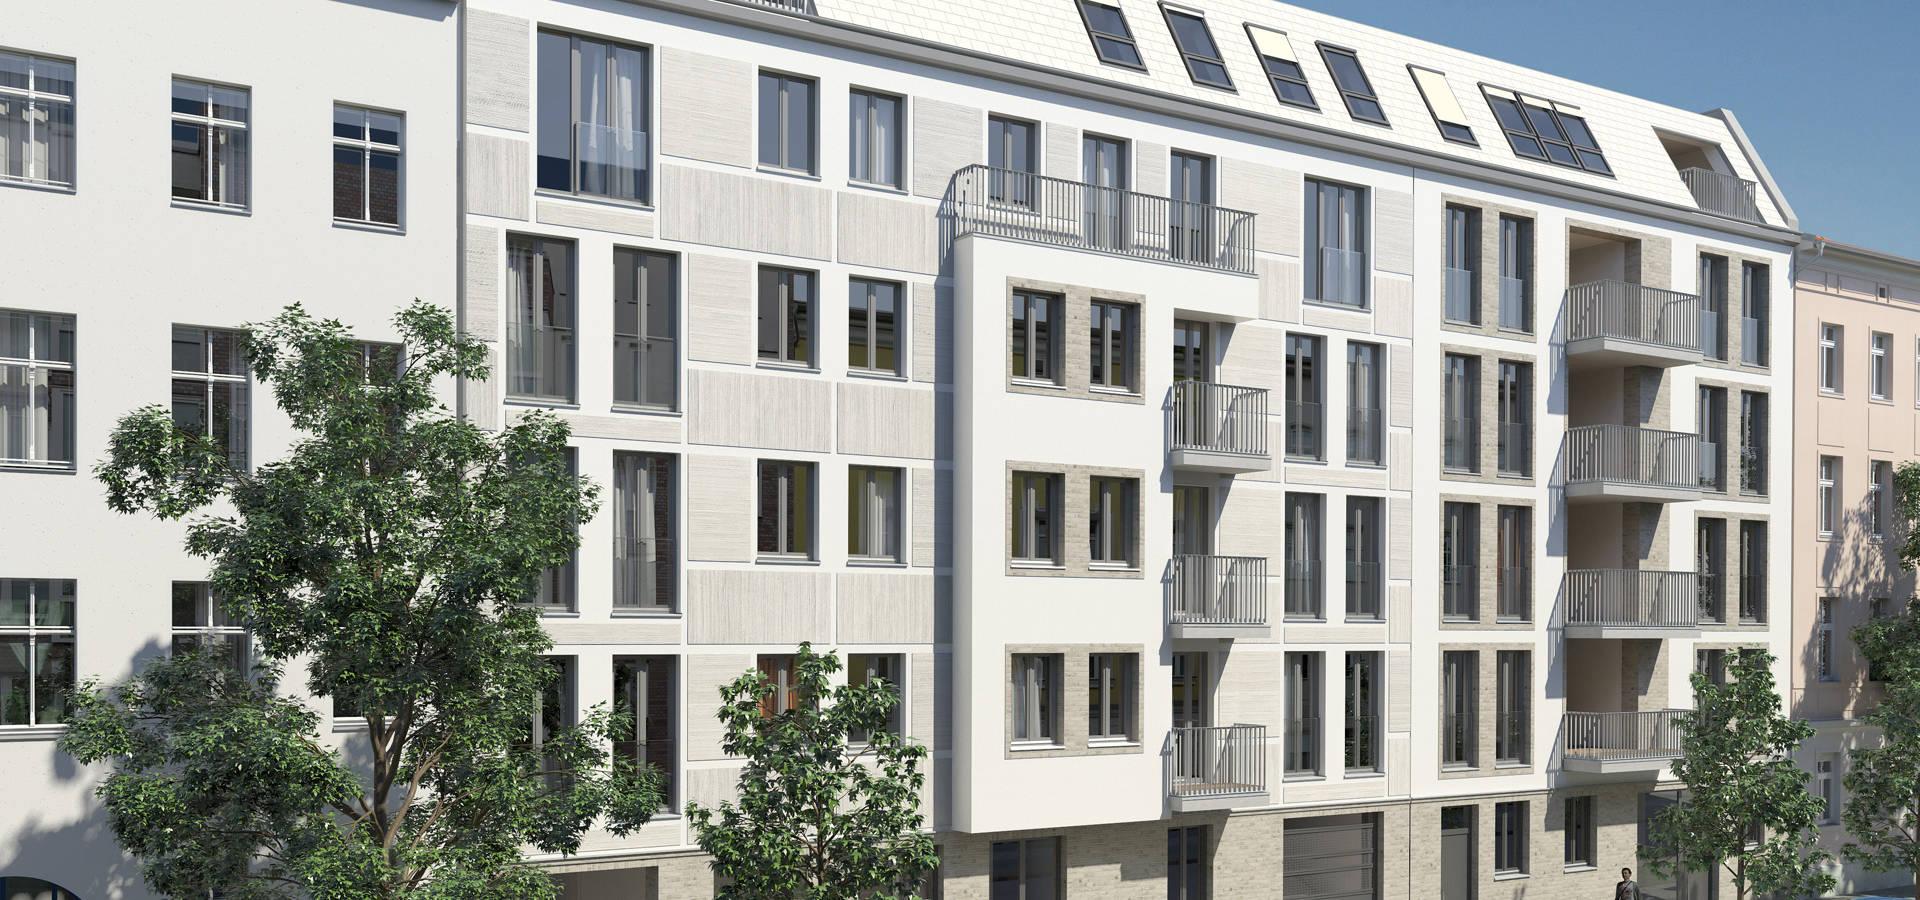 wohnungsbau b rnestra e 4 6 in berlin wei ensee von 3d labor homify. Black Bedroom Furniture Sets. Home Design Ideas